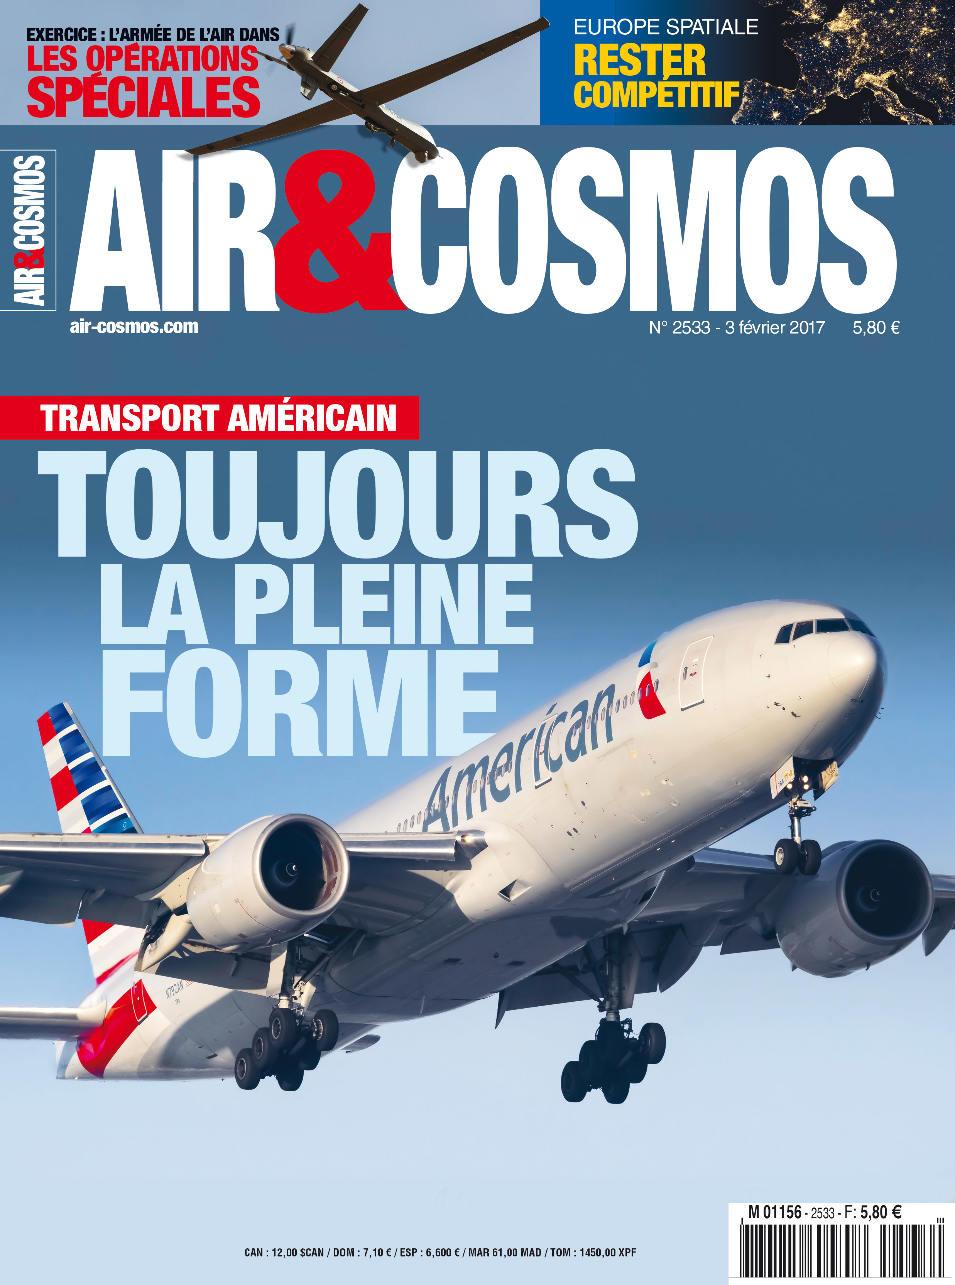 Transport aérien US : toujours la pleine forme